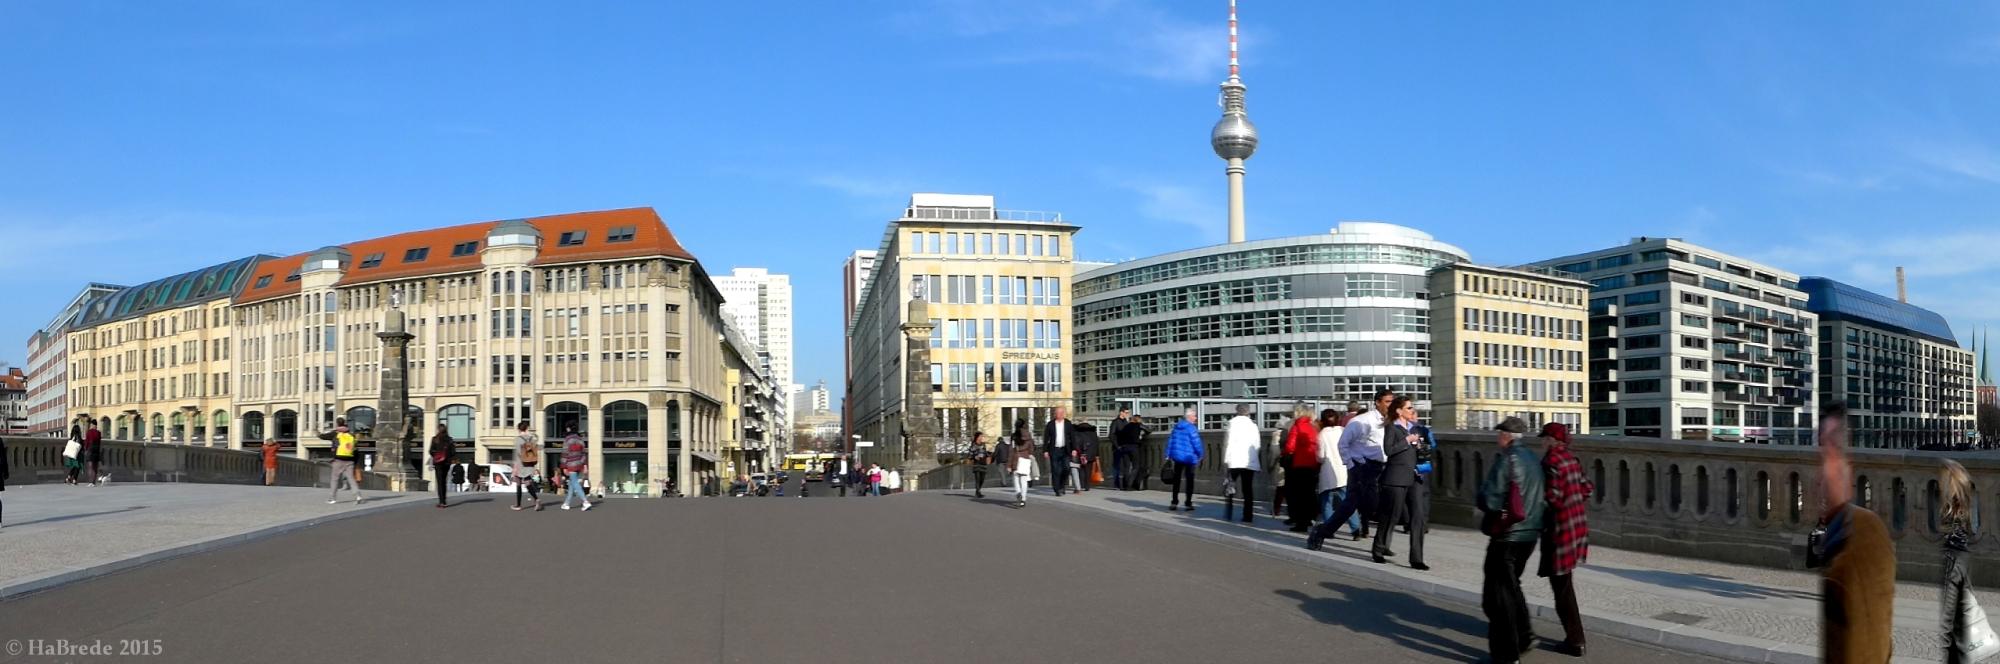 On the Friedrich Bridge in Berlin, Germany